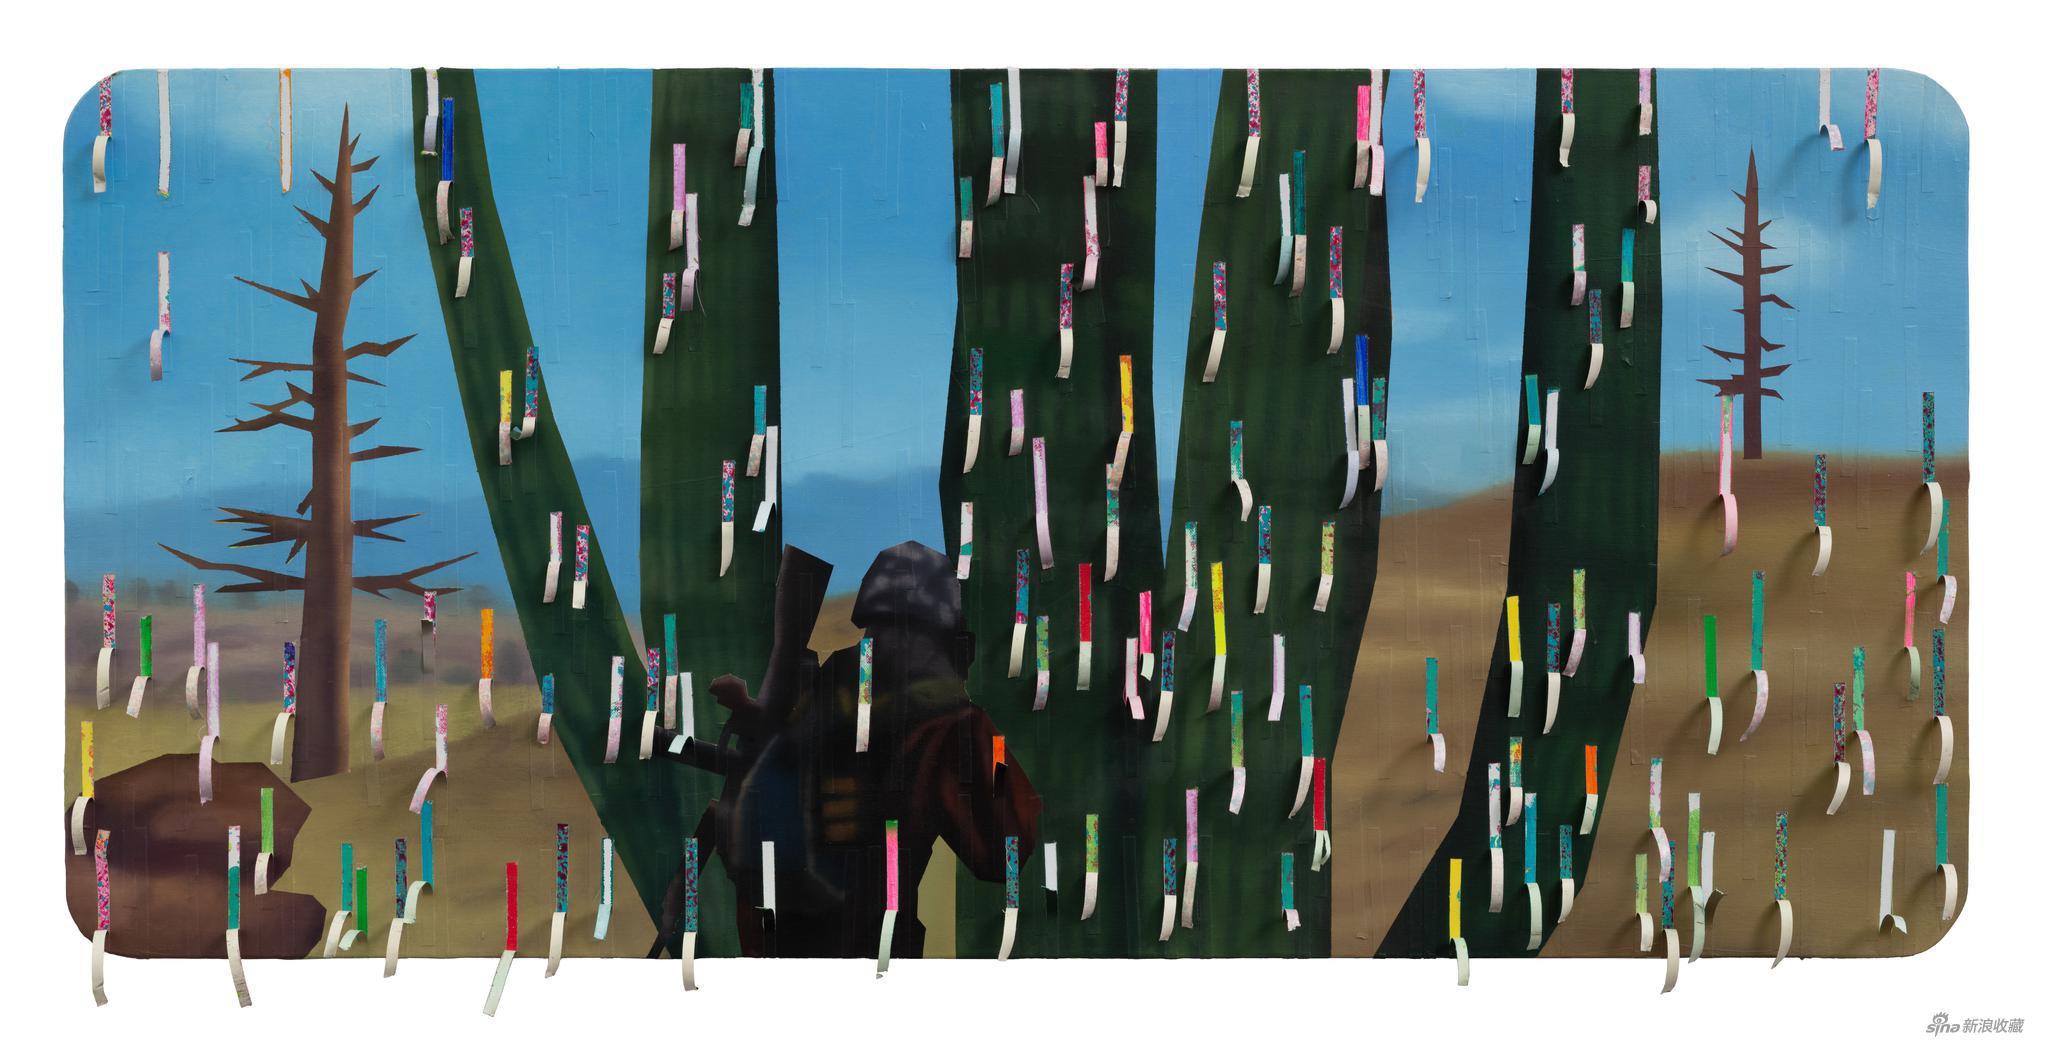 郭亚冠-2020先活着再说12 布面油画 医用胶带 综合材料 70_150cm